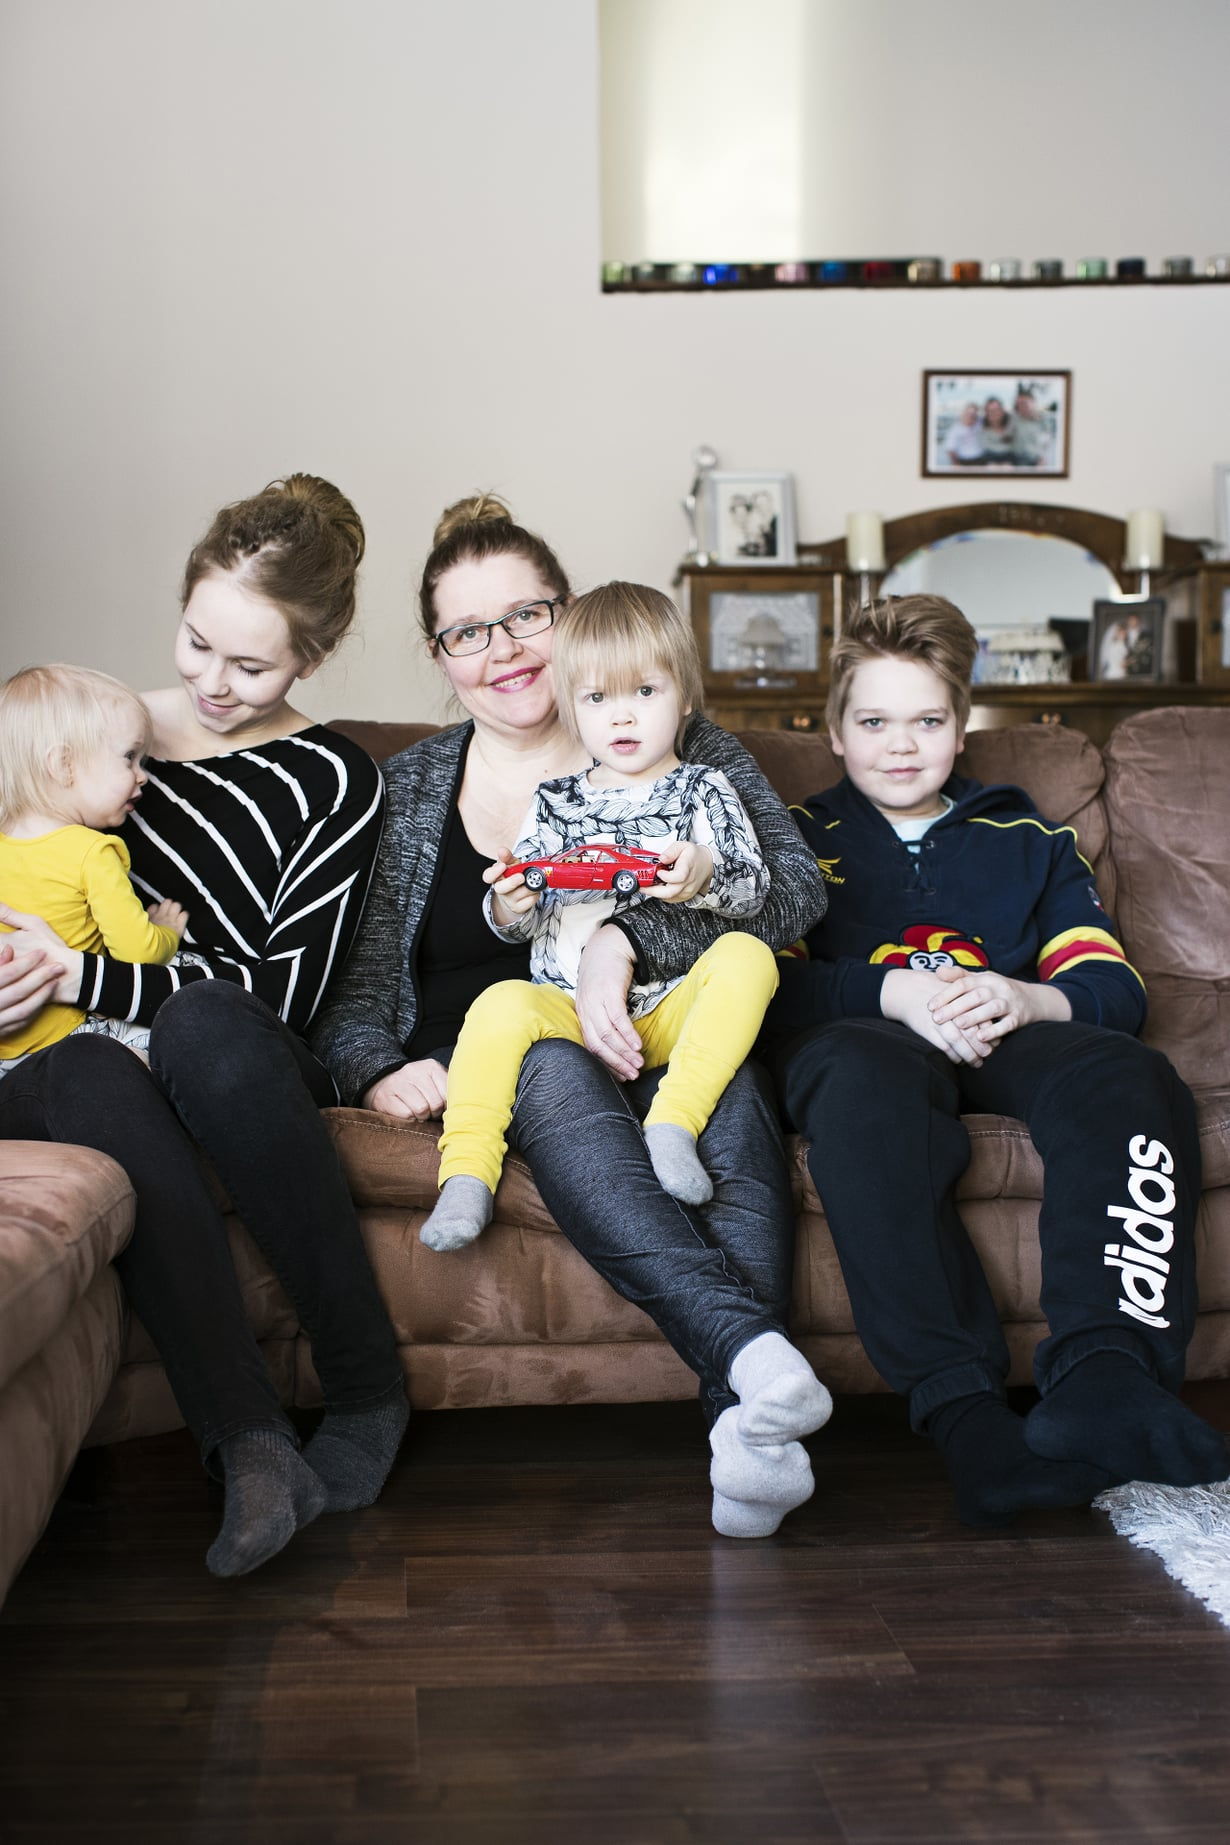 Mummolan sohvalla. Anniinan veli Joonatan (oik.) oli 11-vuotias päästessään leikkaamaan vauvan napanuoran. Helena-mummon sylissä Peetu, Anniinan sylissä Neela.